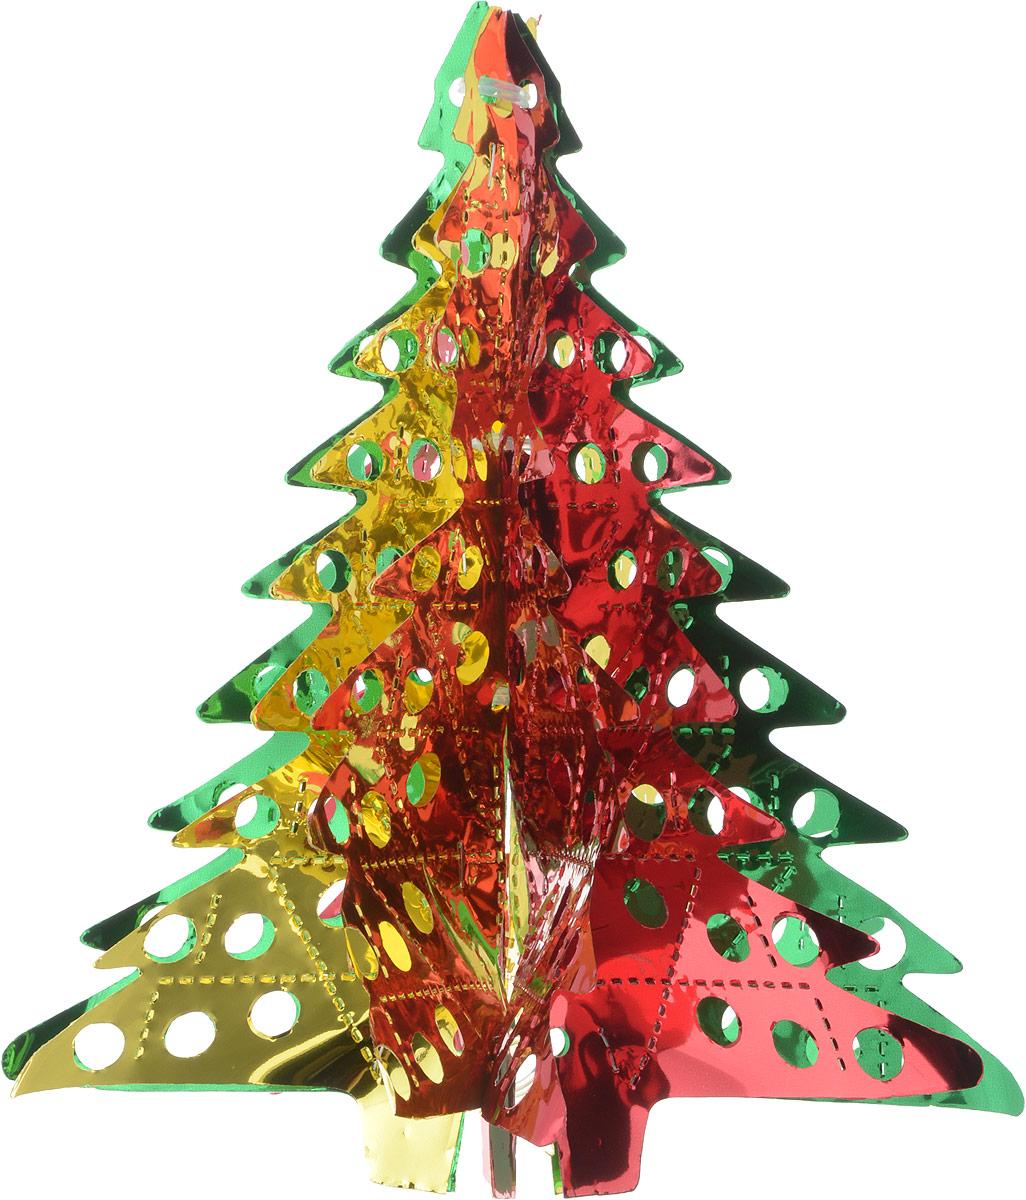 Новогоднее подвесное украшение Winter Wings Елочка, цвет: зеленый, красный, высота 26 смN09185_зеленый, красныйНовогоднее украшение Winter Wings Елочка прекрасно подойдет для декора дома и праздничной елки. Изделие выполнено из ПВХ. С помощью специальной петельки украшение можно повесить в любом понравившемся вам месте. Легко складывается и раскладывается. Новогодние украшения несут в себе волшебство и красоту праздника. Они помогут вам украсить дом к предстоящим праздникам и оживить интерьер по вашему вкусу. Создайте в доме атмосферу тепла, веселья и радости, украшая его всей семьей. Диаметр украшения: 20,5 см. Высота украшения: 26 см.